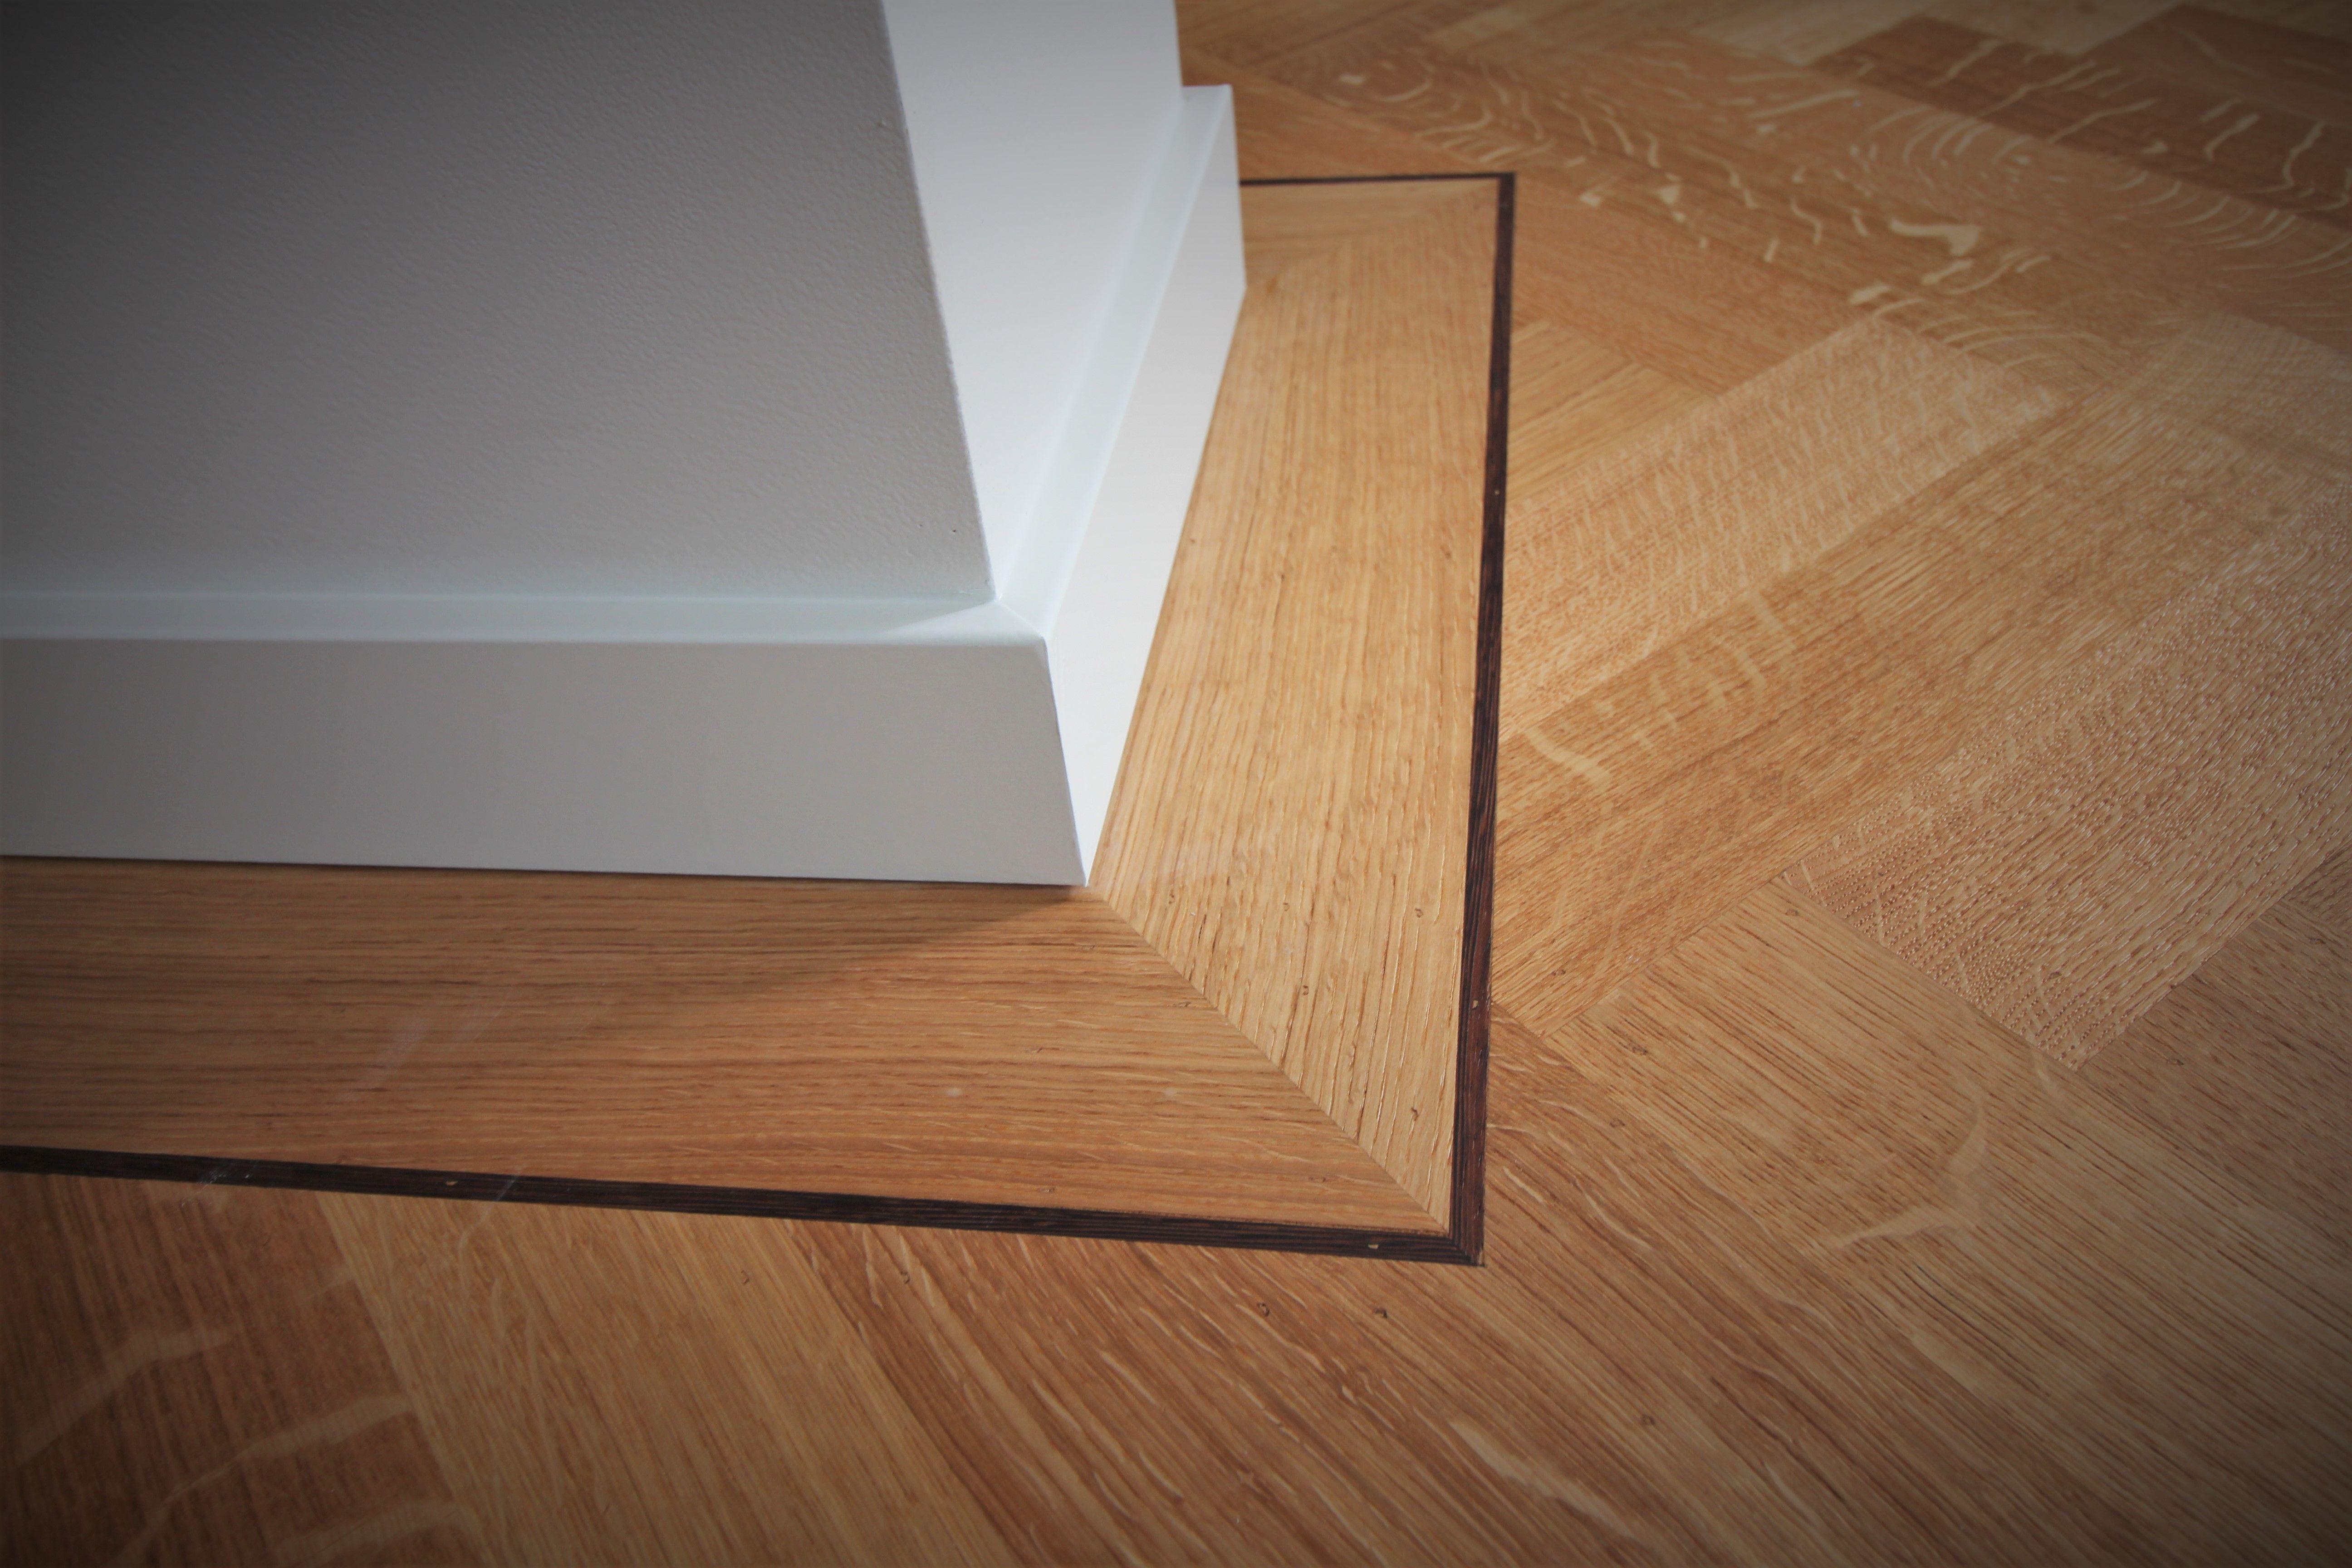 Visgraat vloeren en lamel parket houten vloeren noord holland